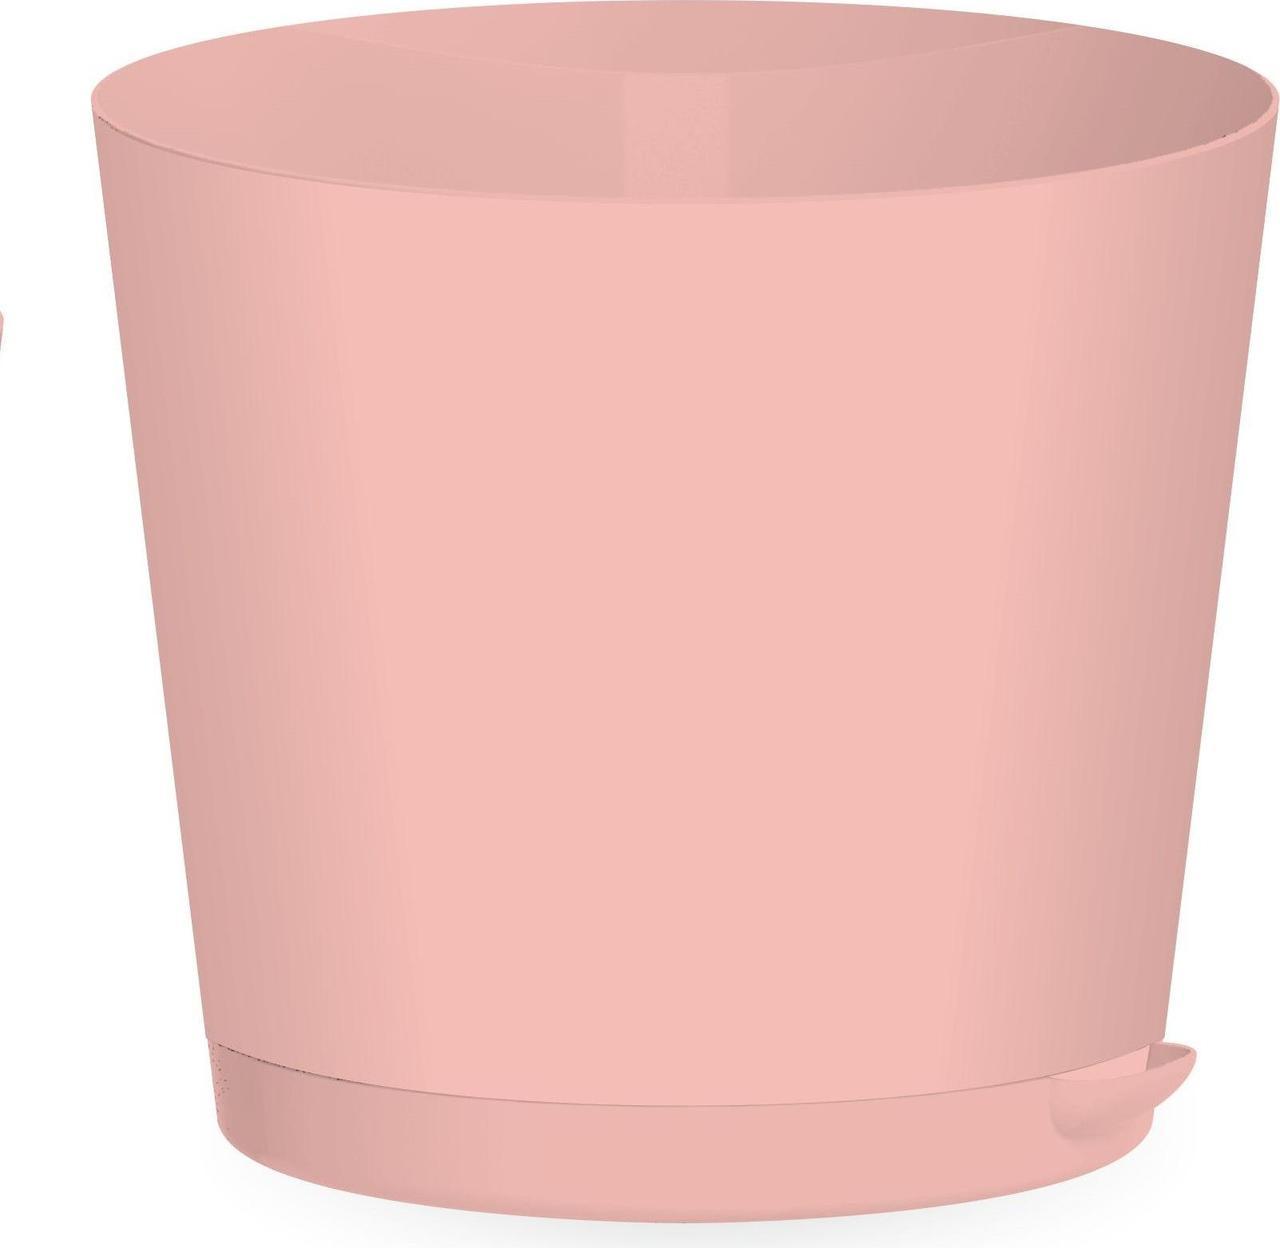 Горшок для цветов Easy Grow D 120 с прикорневым поливом 0,75 л английская роза